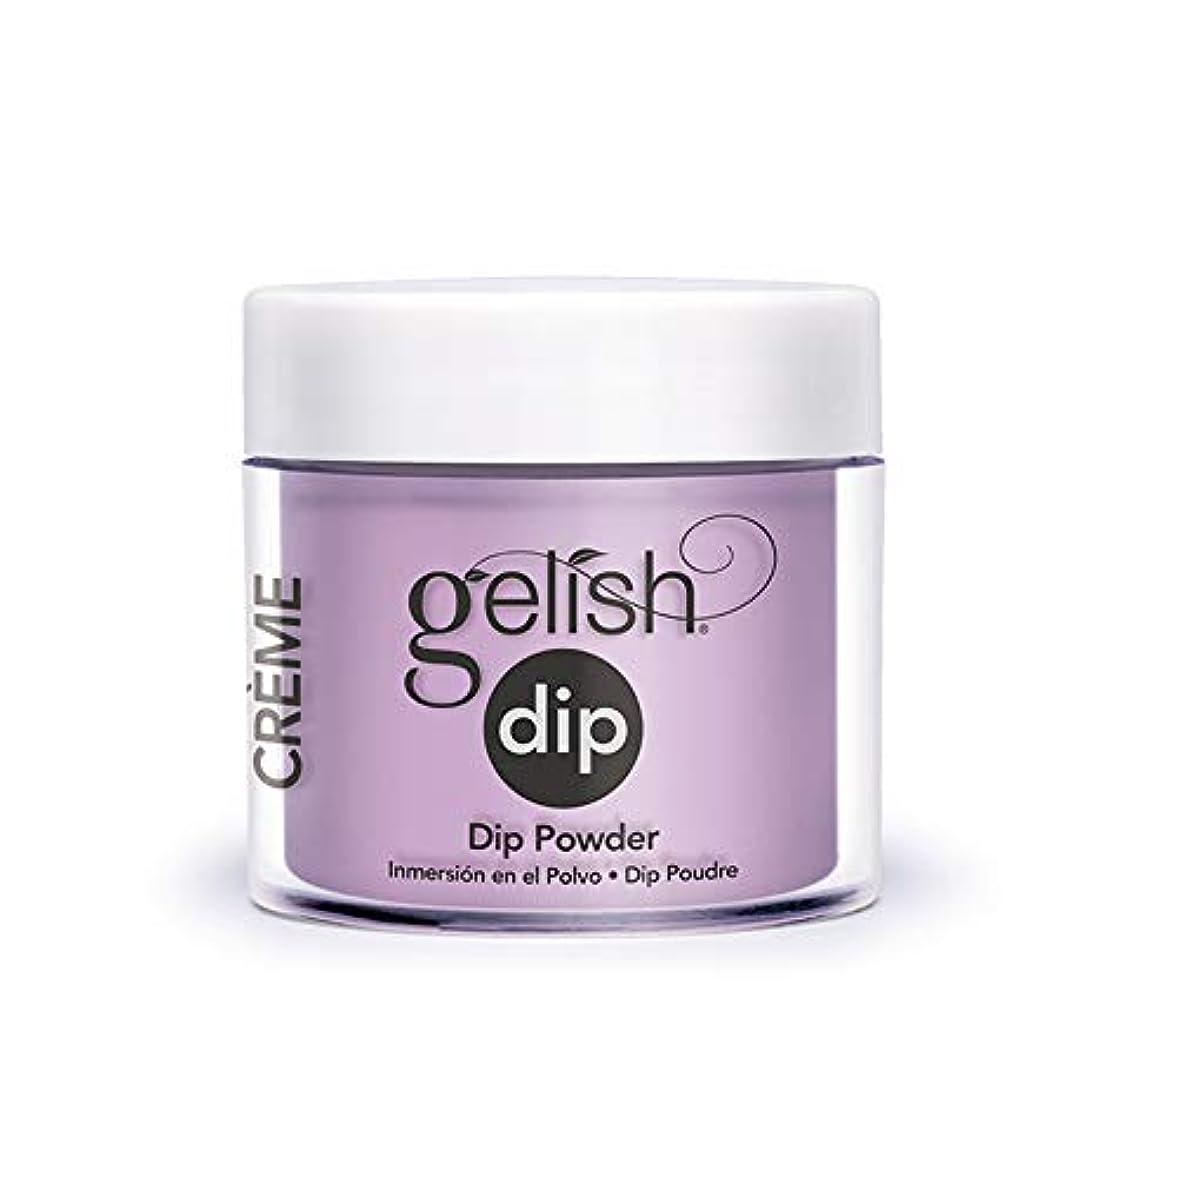 グローバルファシズム夜明けHarmony Gelish - Acrylic Dip Powder - Dress Up - 23g / 0.8oz